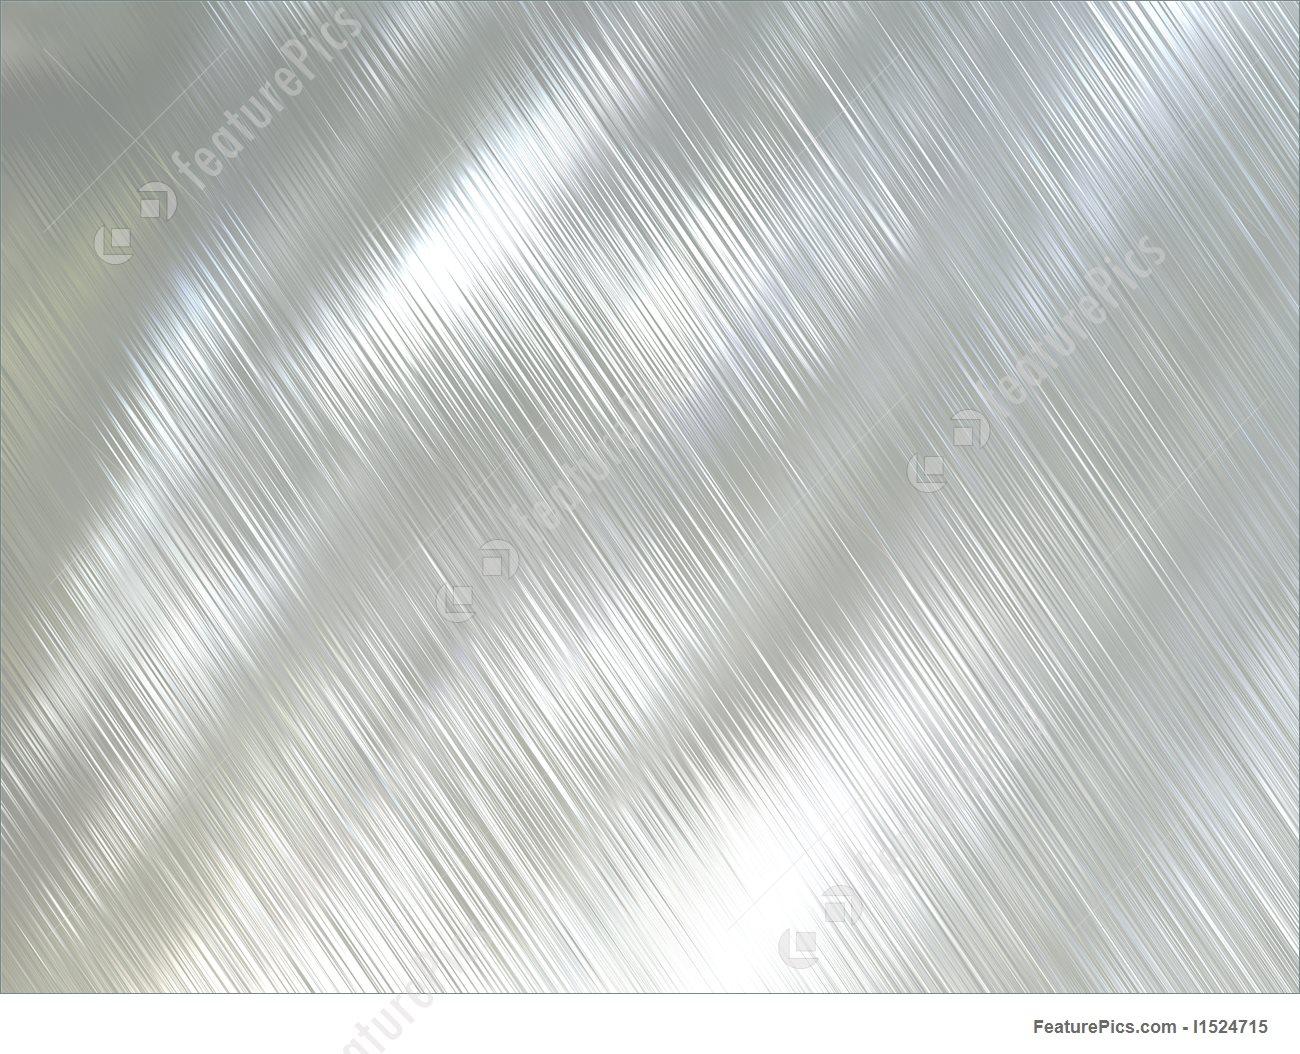 Illustration Of Polished Metal.